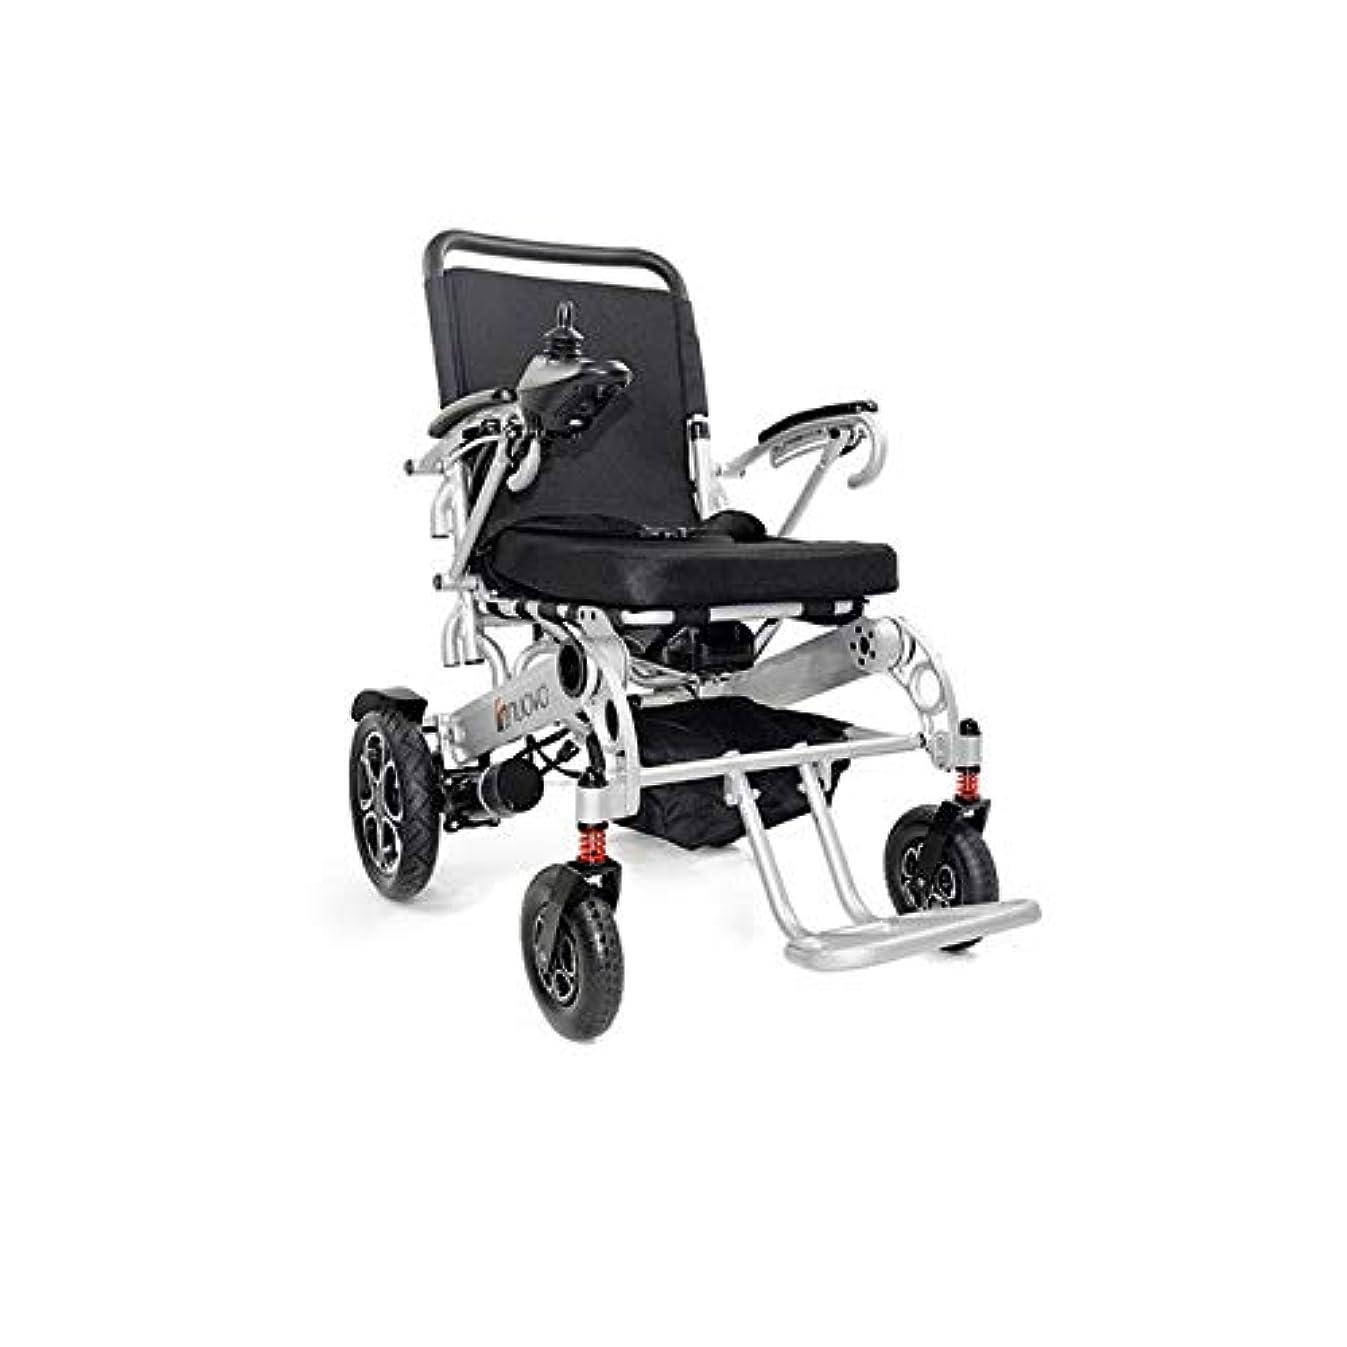 神子供達短くするエルダーのための軽量良質ビッグシート幅53Cm電動車椅子